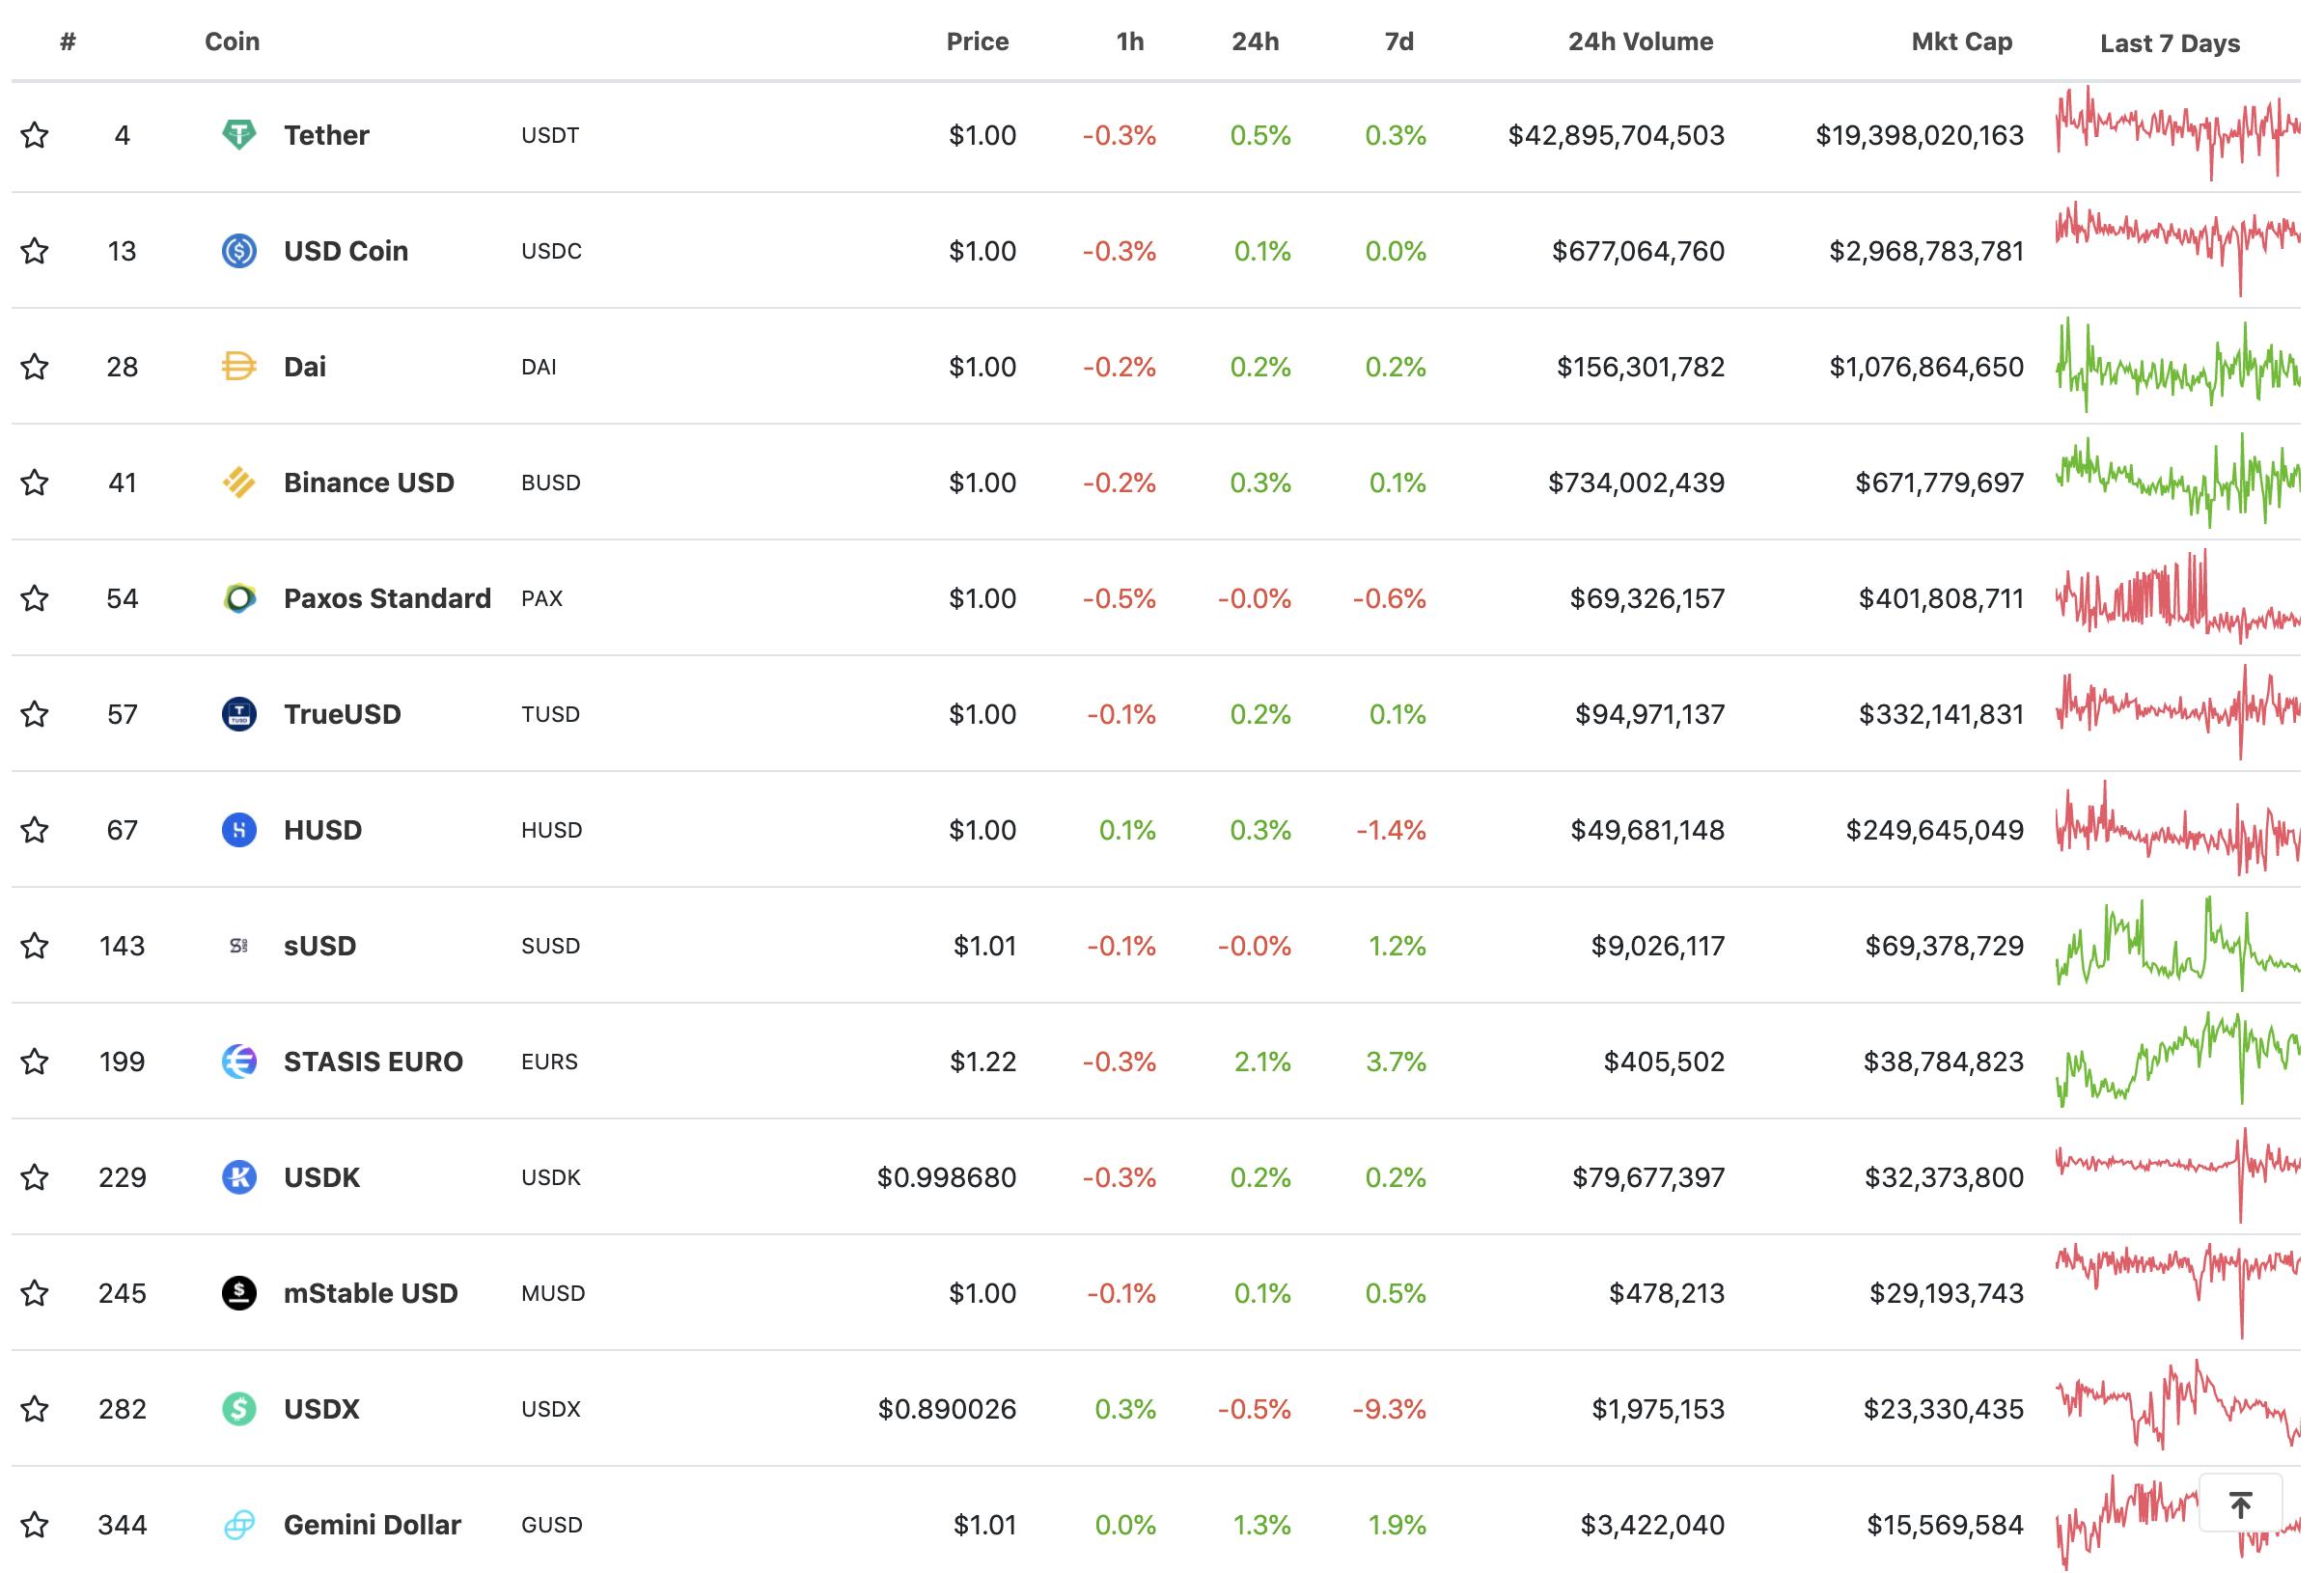 Top stablecoins by marketcap, Dec 2020